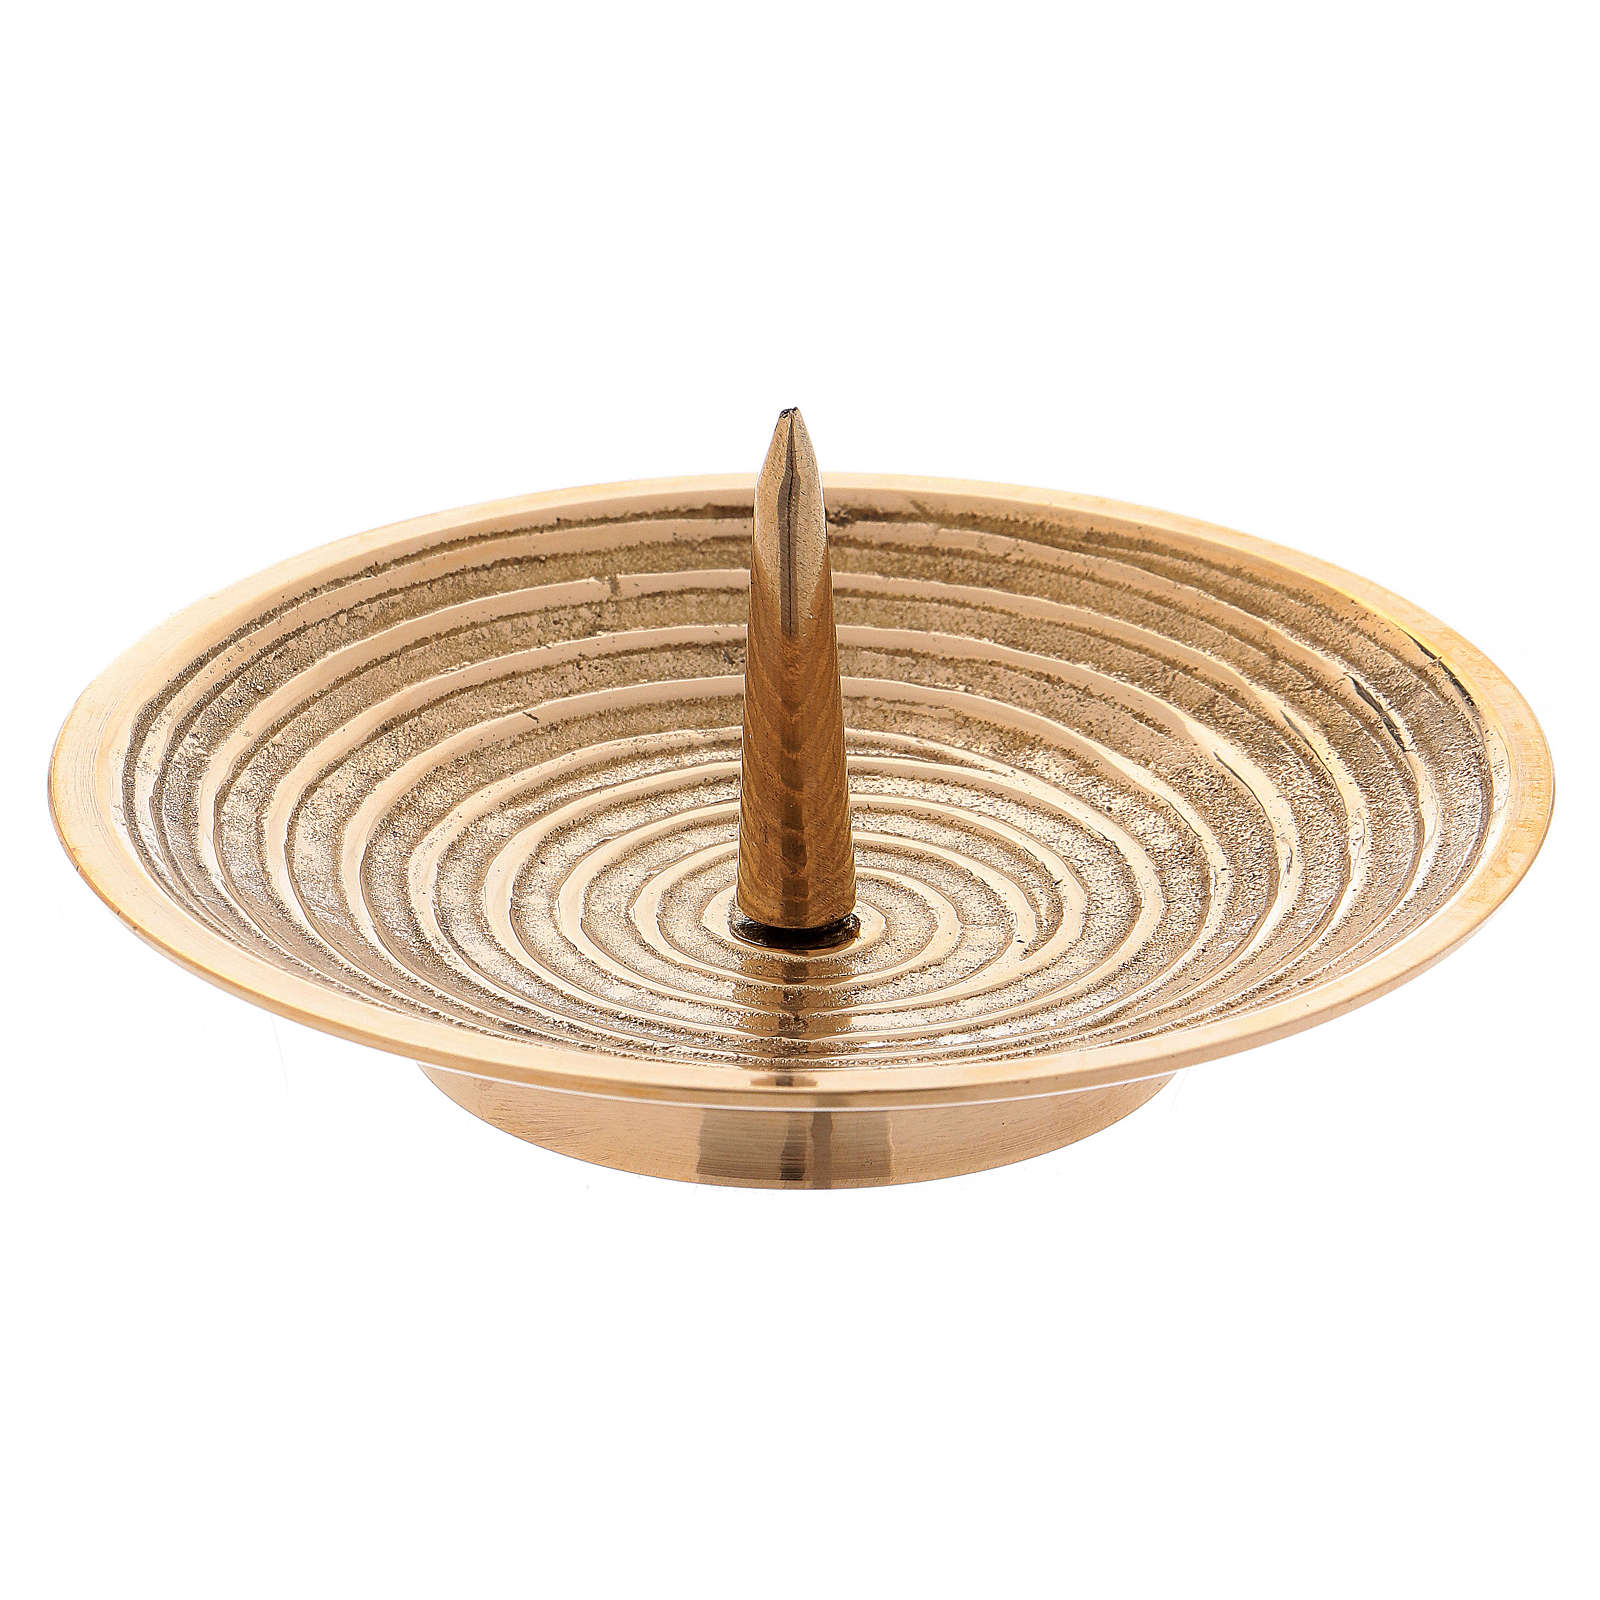 Piatto portacandele ottone oro disegno spirale 10 cm 4